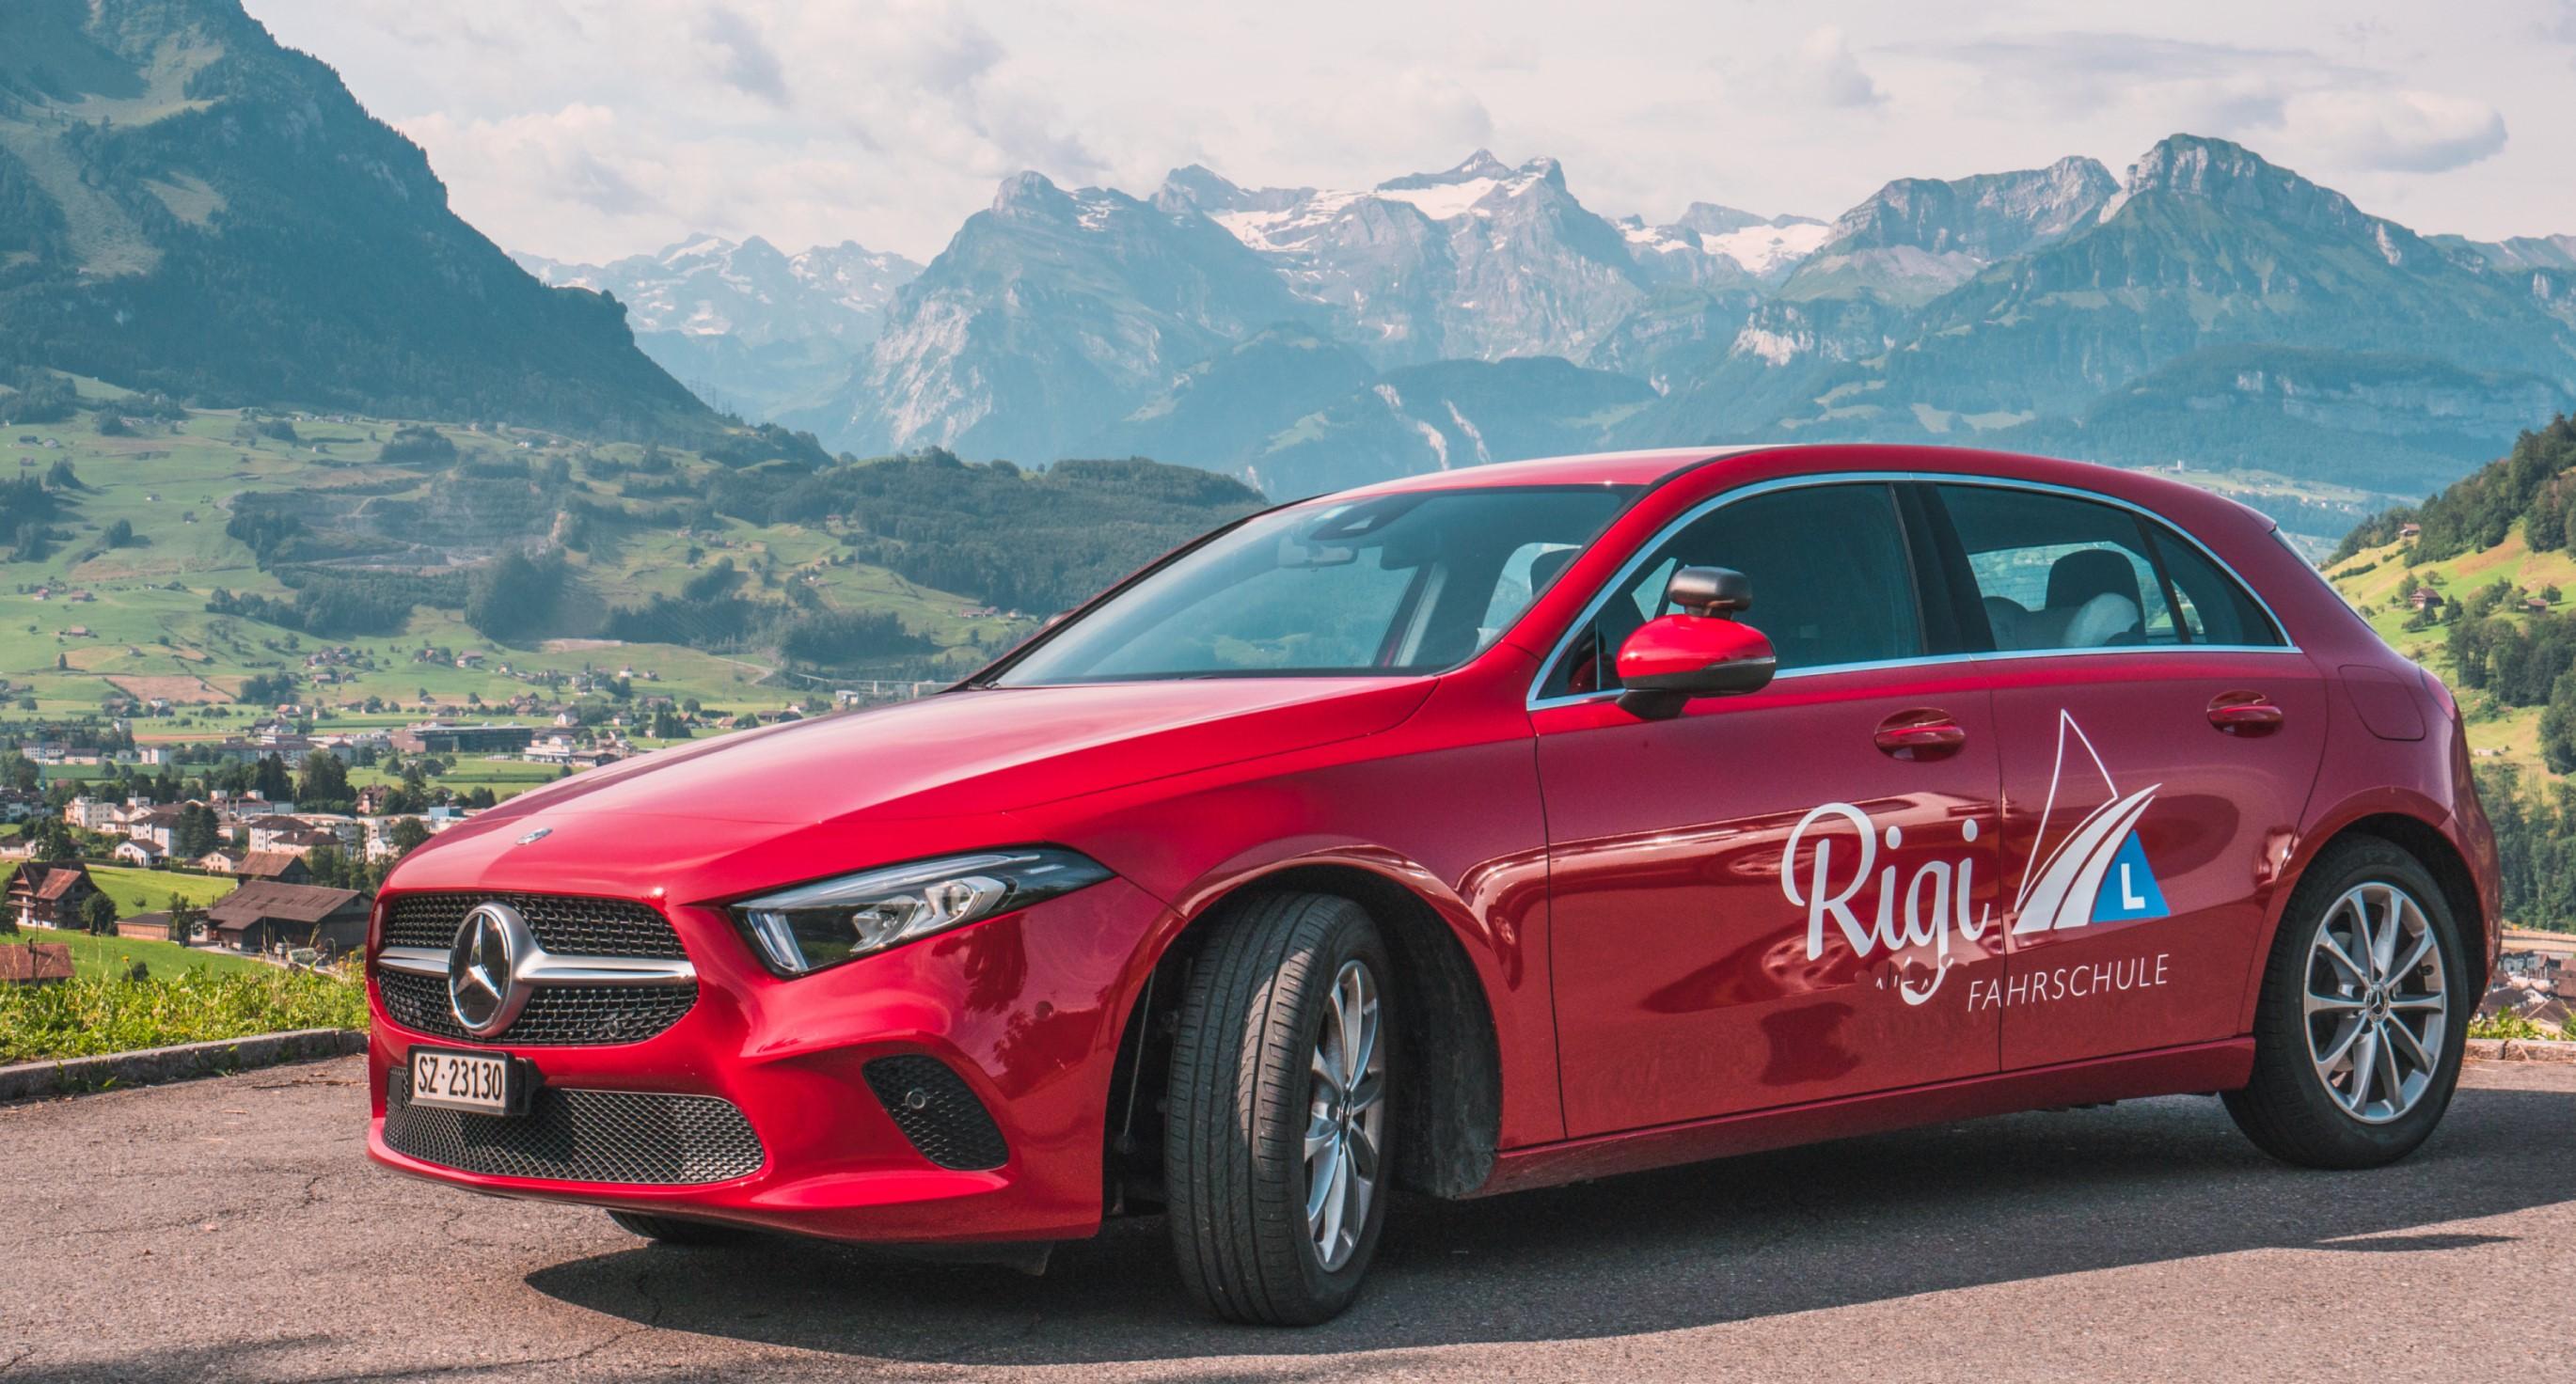 Fahrschul-Auto-Mercedes A Klasse Parkiert Schwyz